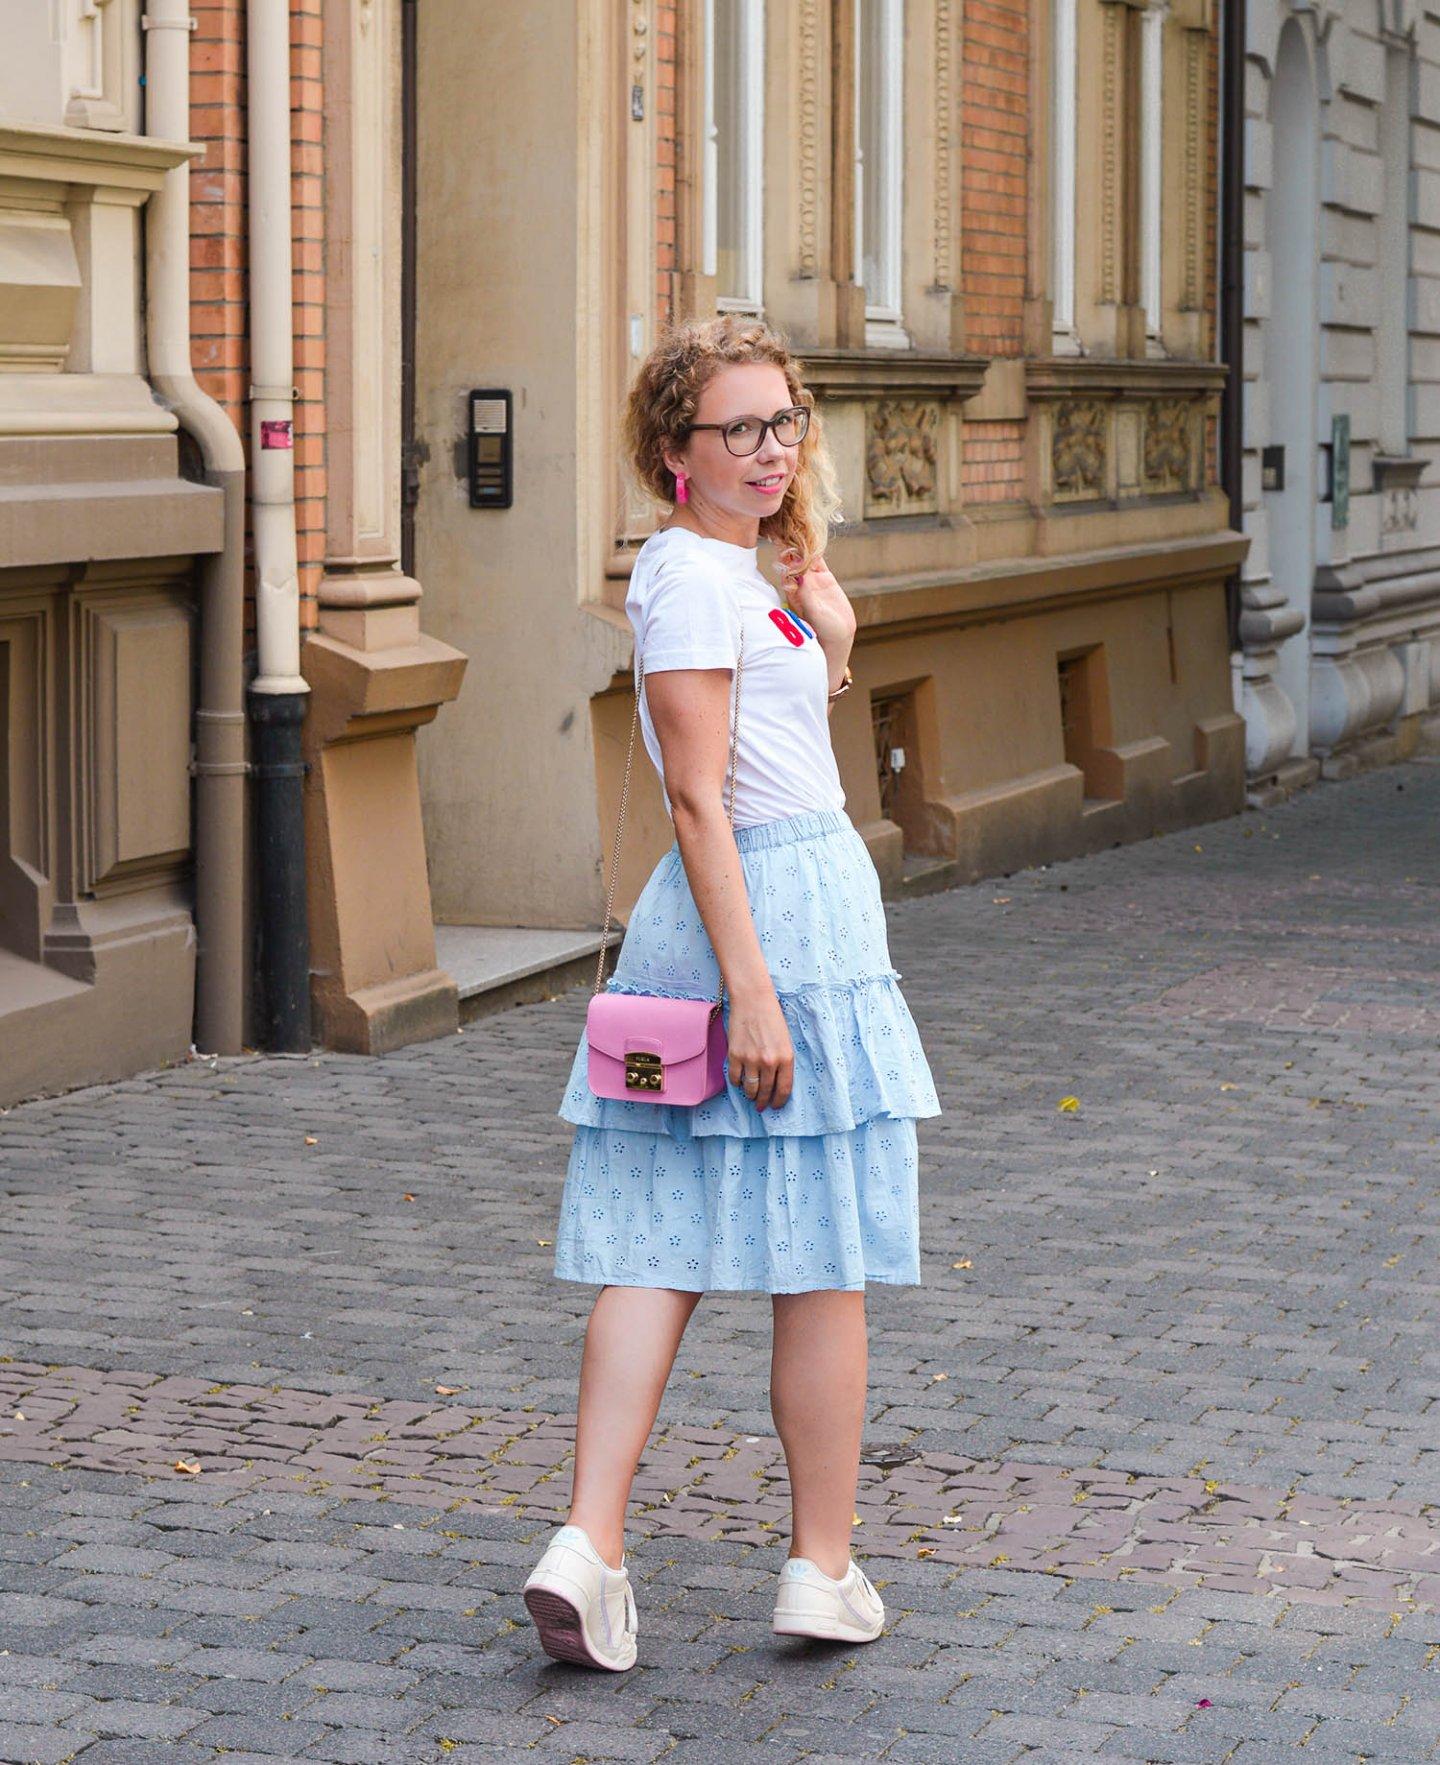 H&M Sommeroutfit mit Stufenrock und Statement-Shirt